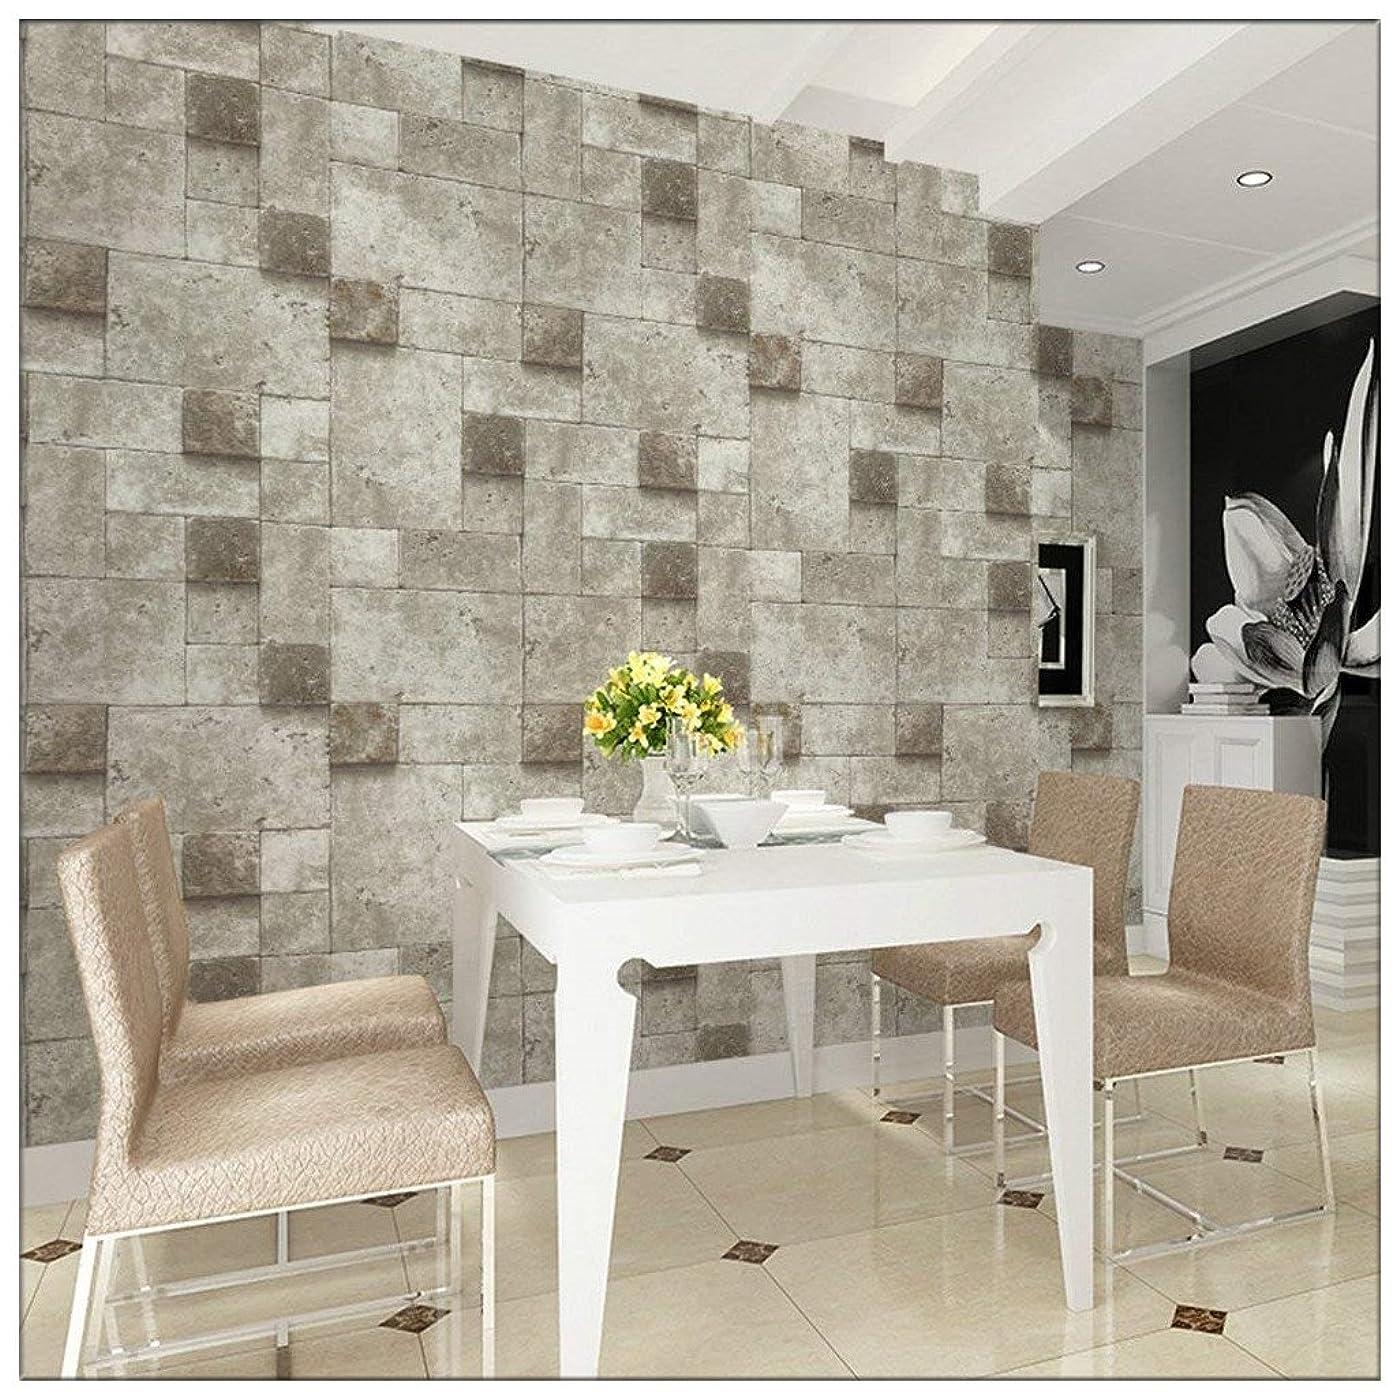 しわ塗抹普通にHaokHome 69152 DIYモダンファッション石のパターン壁紙壁用レンガのパターン 3D屋内 ベッドルーム装飾 53cm×10m(並行輸入品)